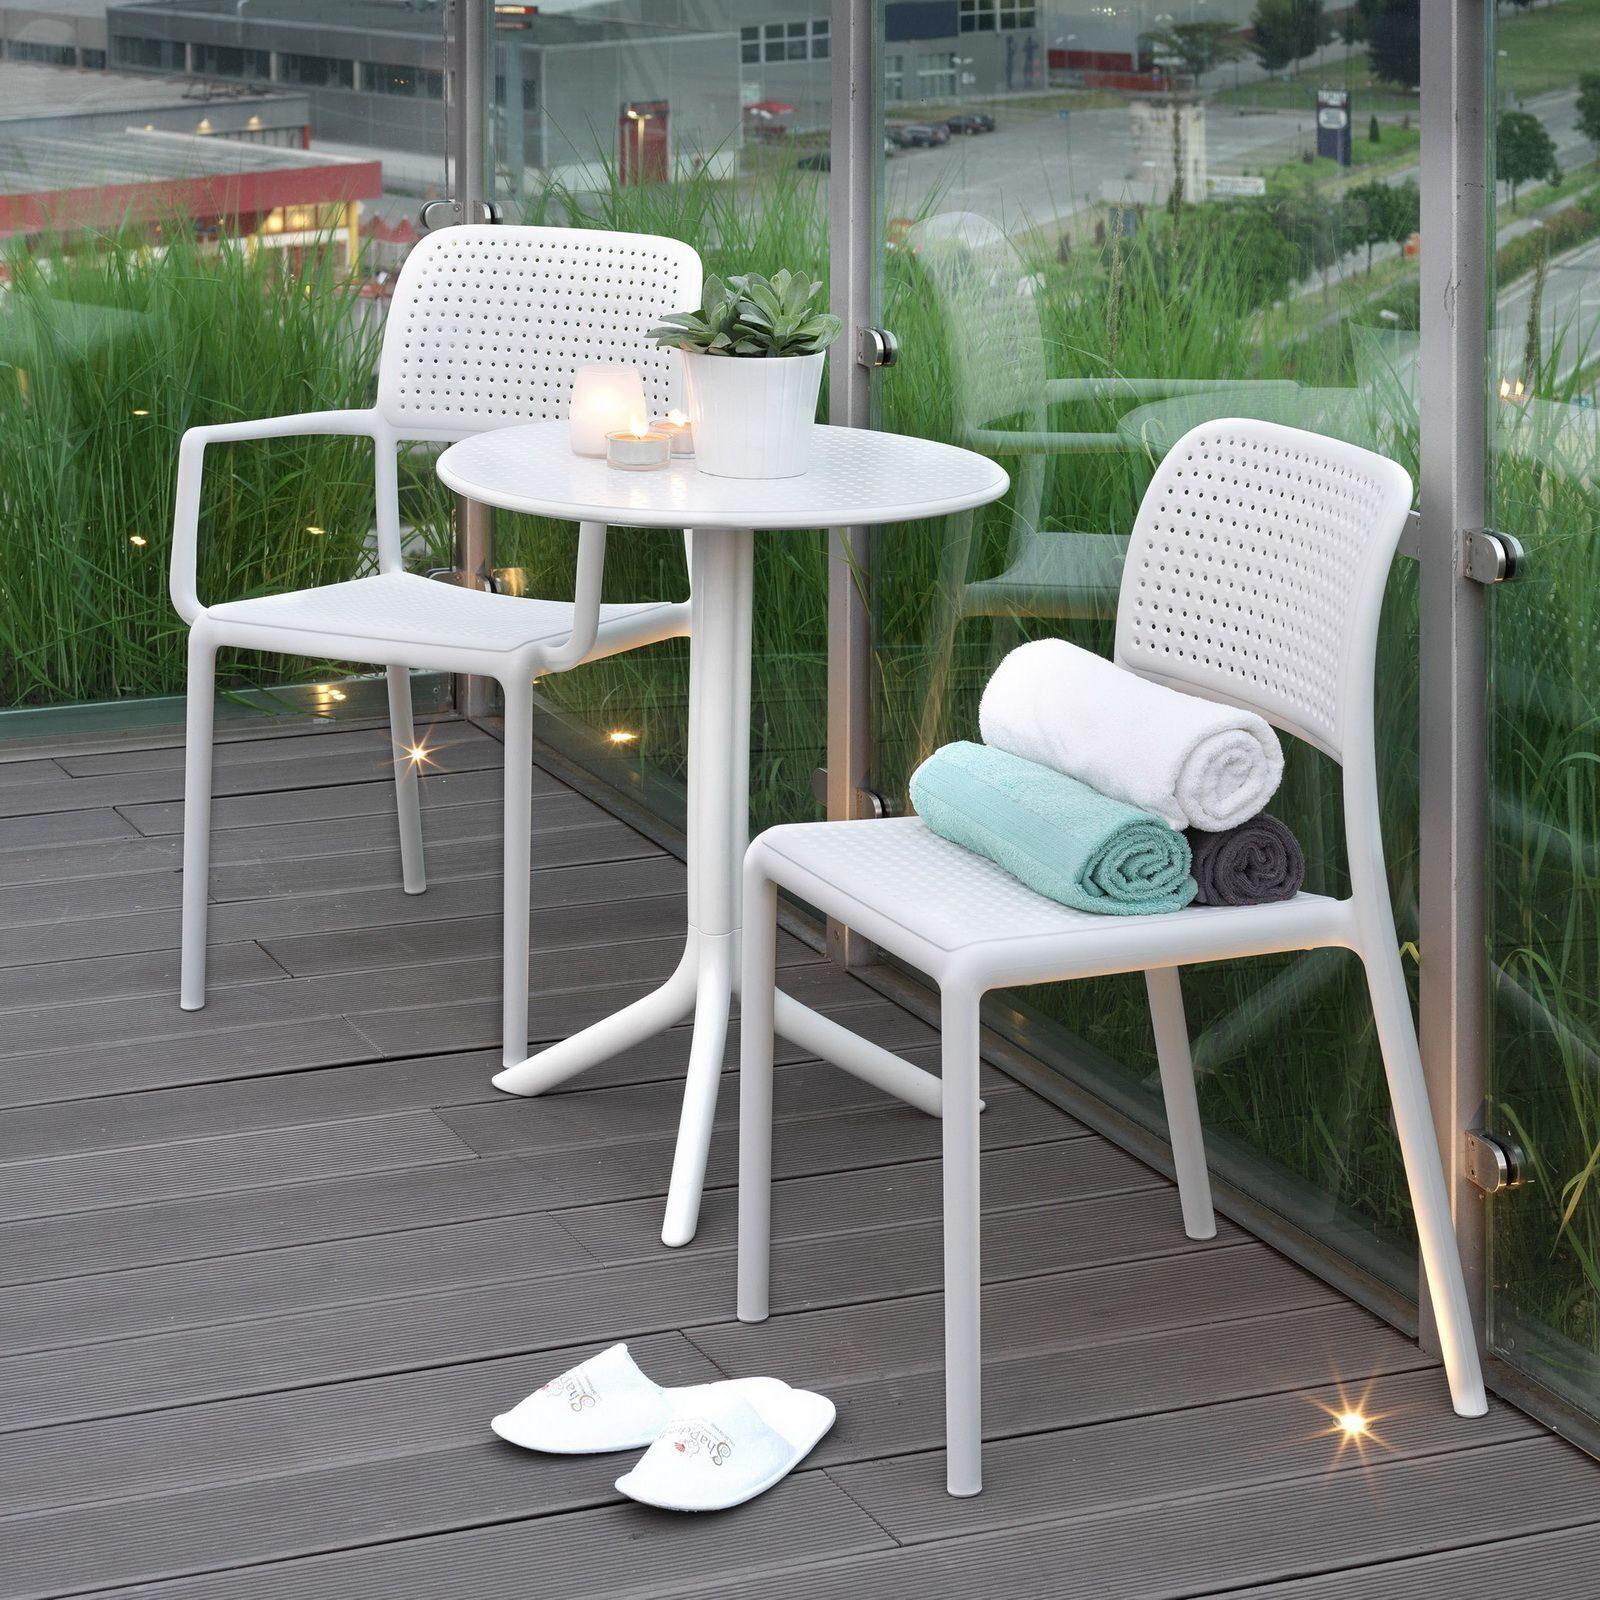 Уличная мебель для кофейни или балкона (столики и стулья) из.